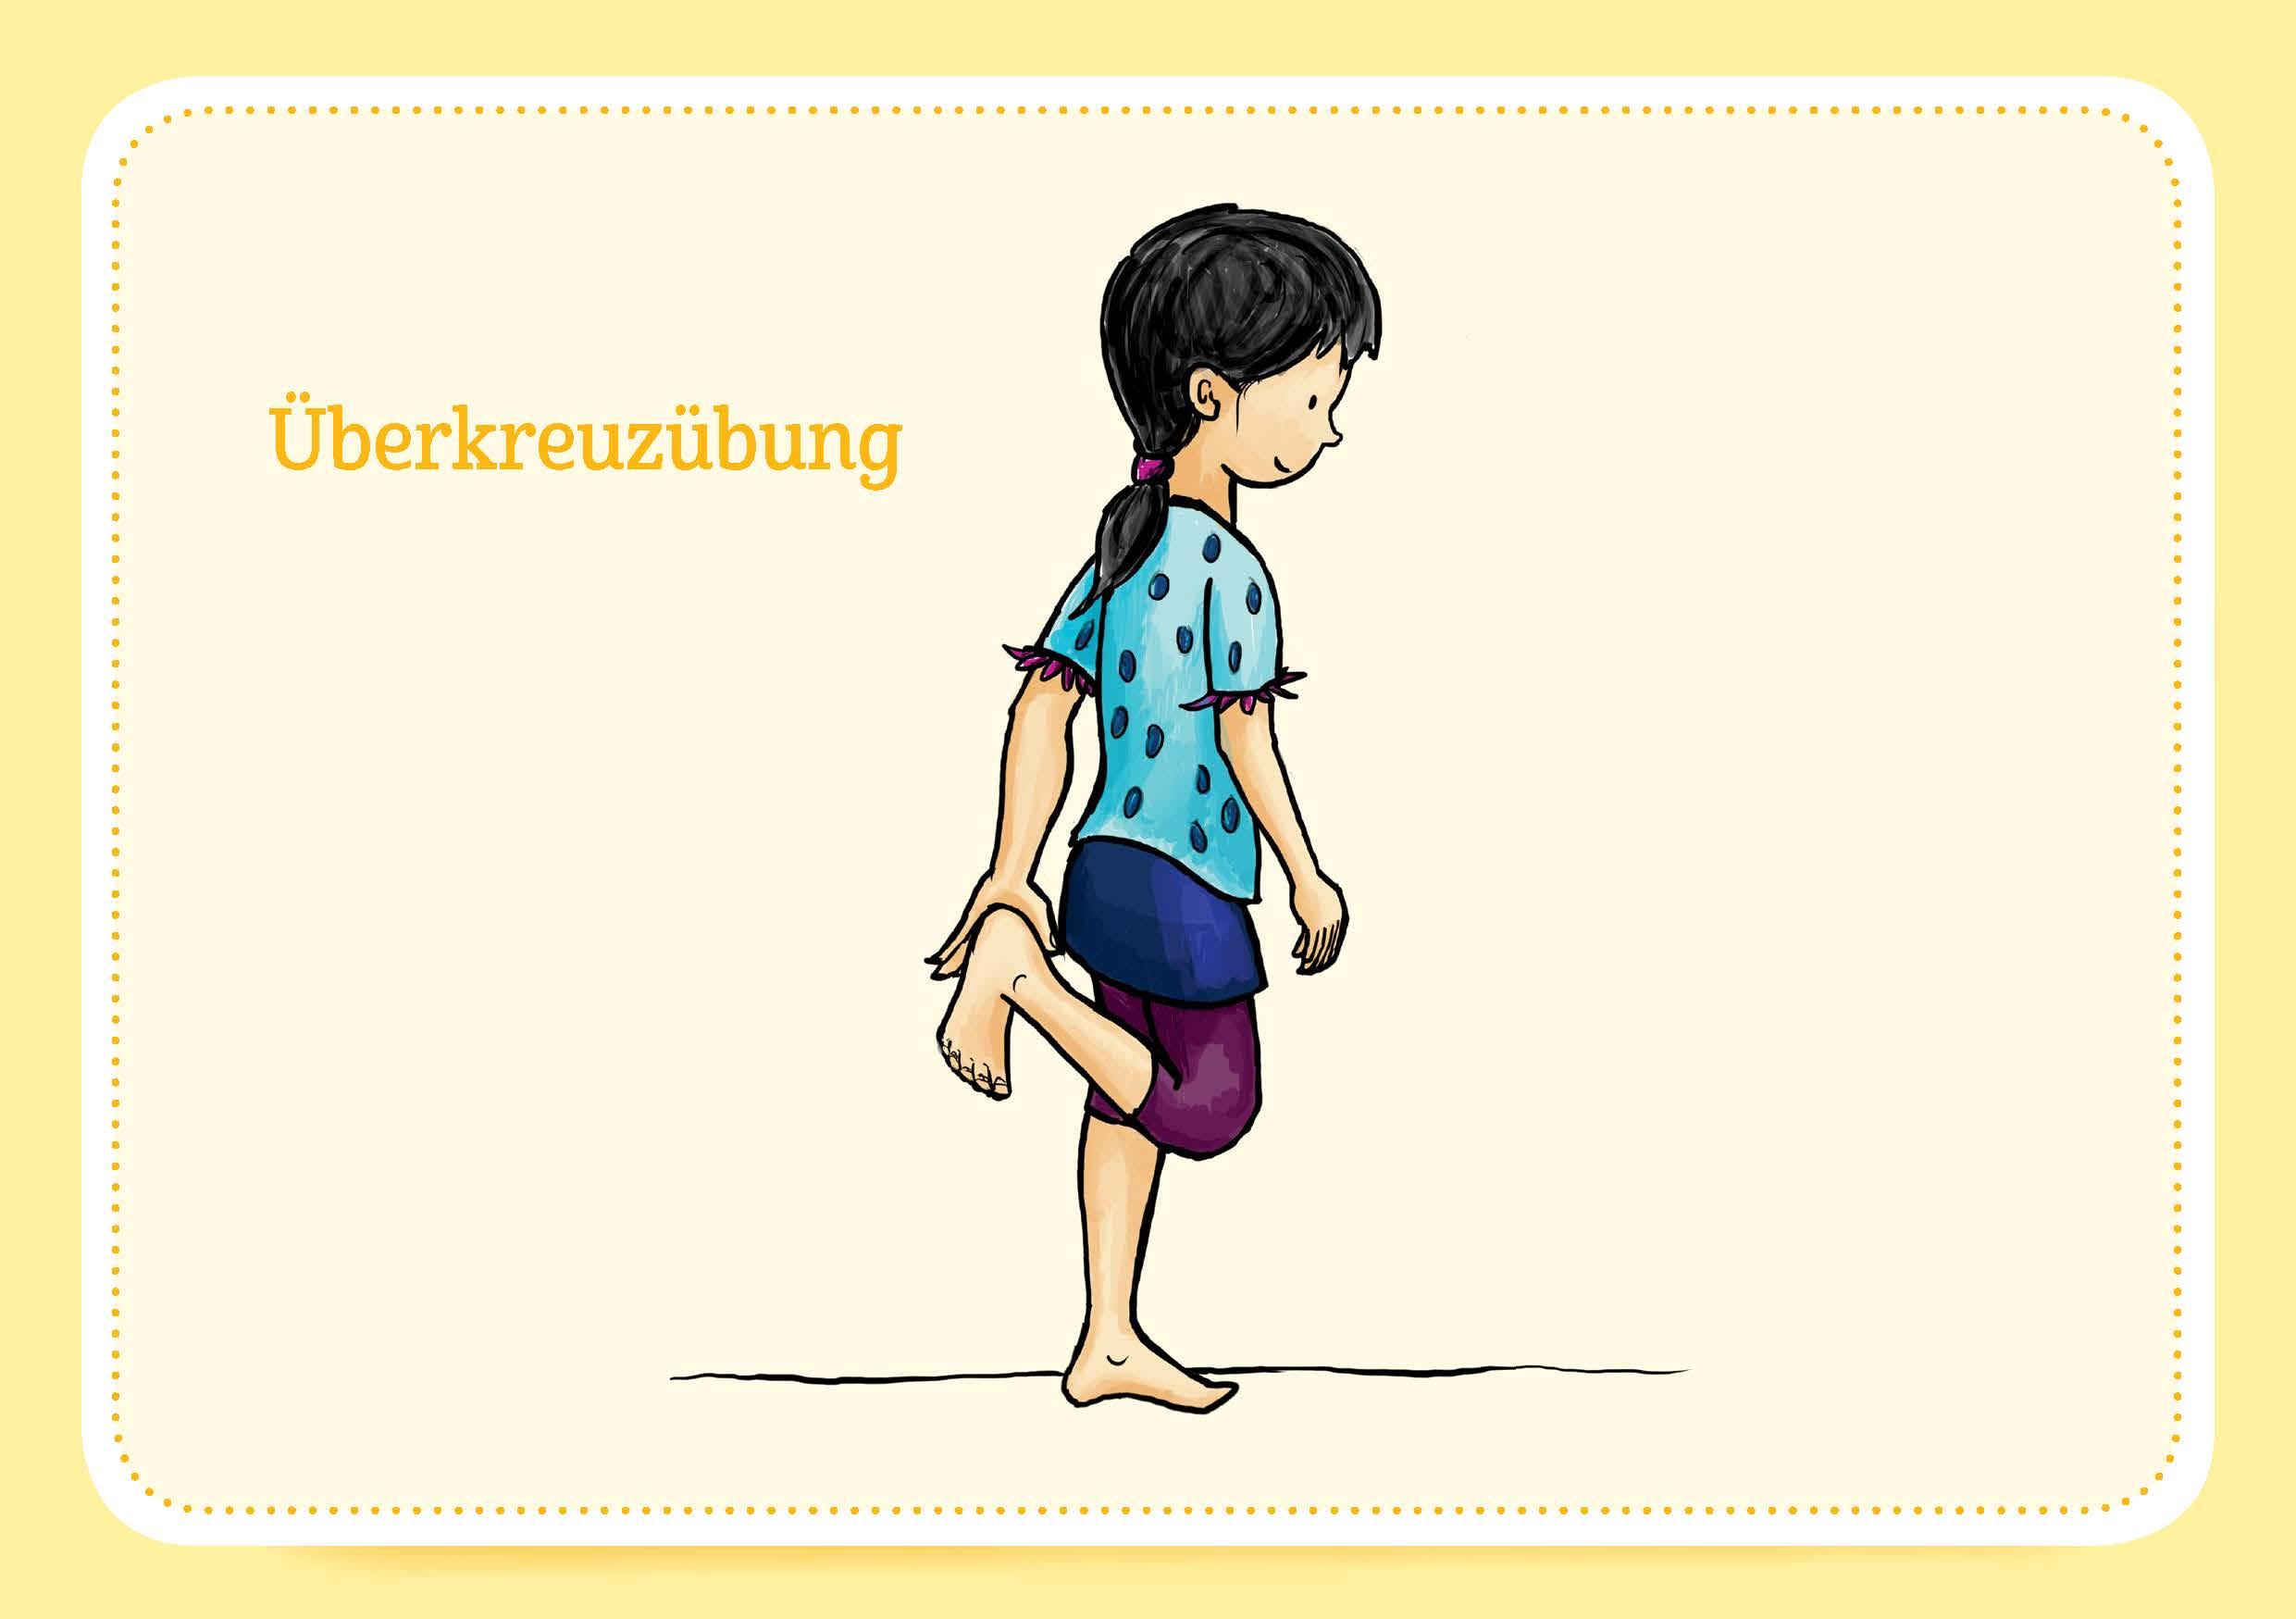 Innenansicht zu Achtsamkeit und Körperwahrnehmung. 30 Bildkarten für Kinder